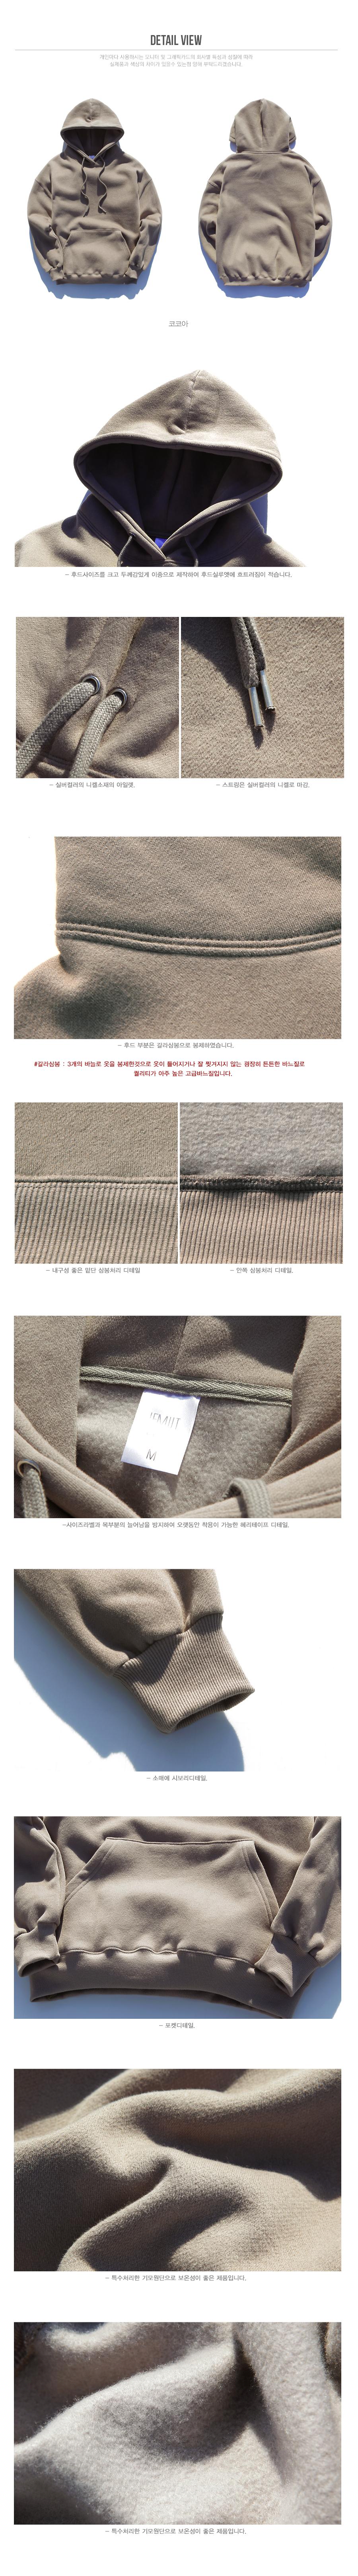 제멋(JEMUT) [패키지]제이 양기모후드 패키지(2050)